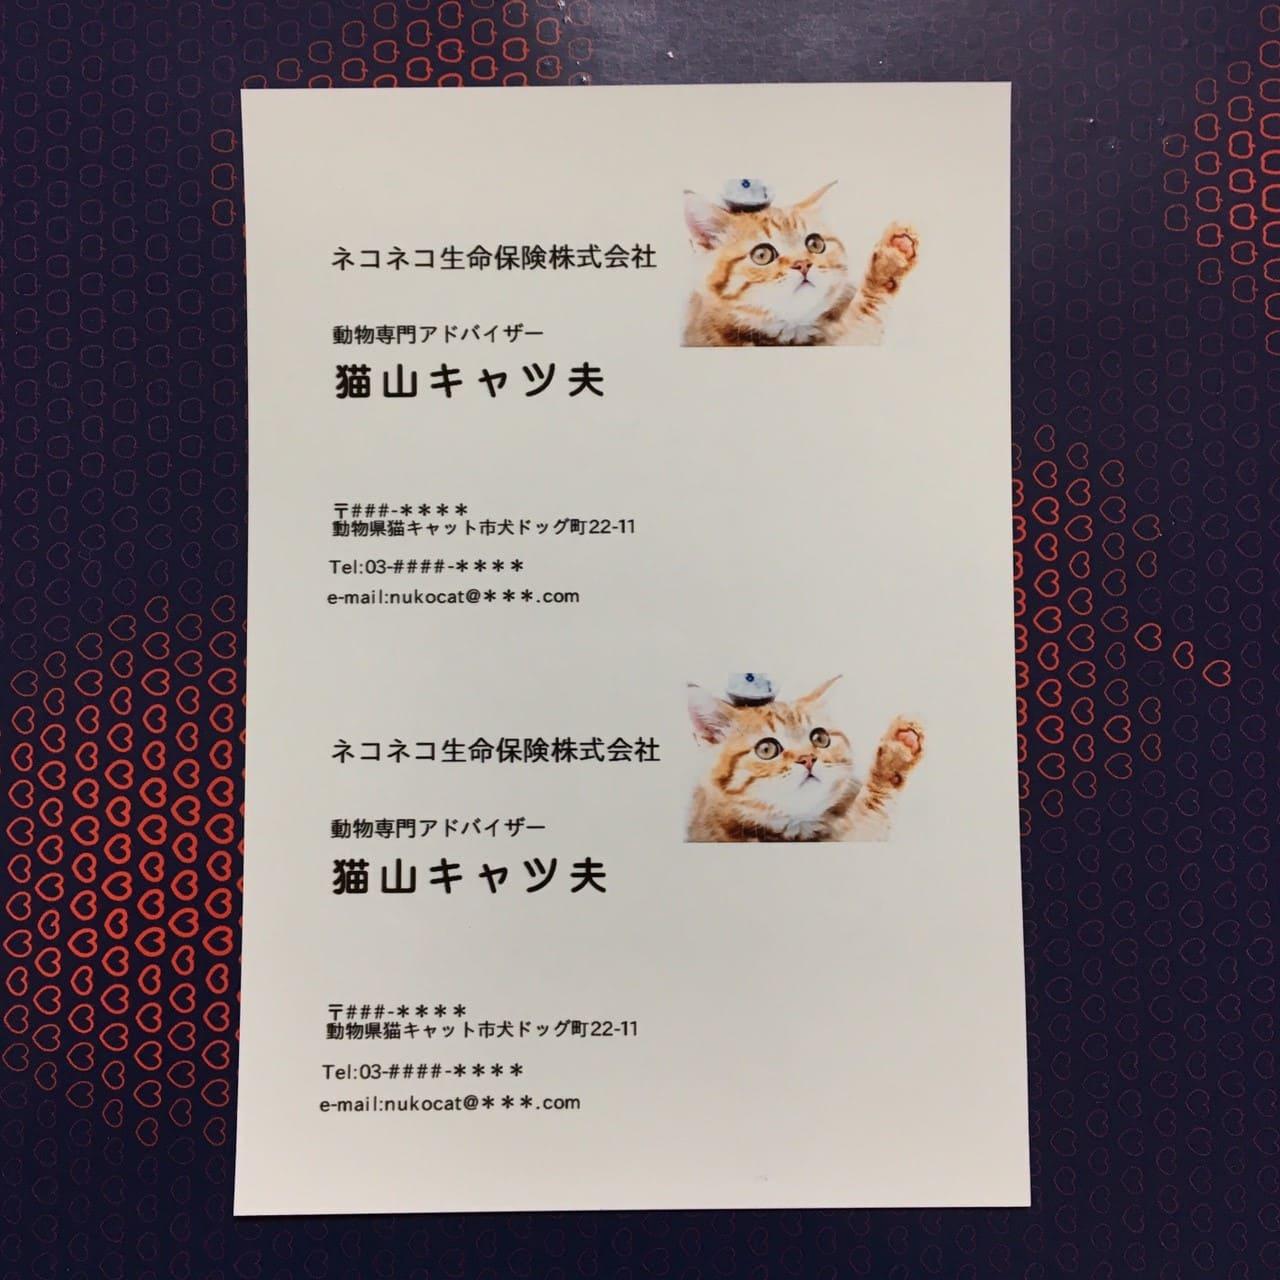 セブンイレブン名刺印刷方法38